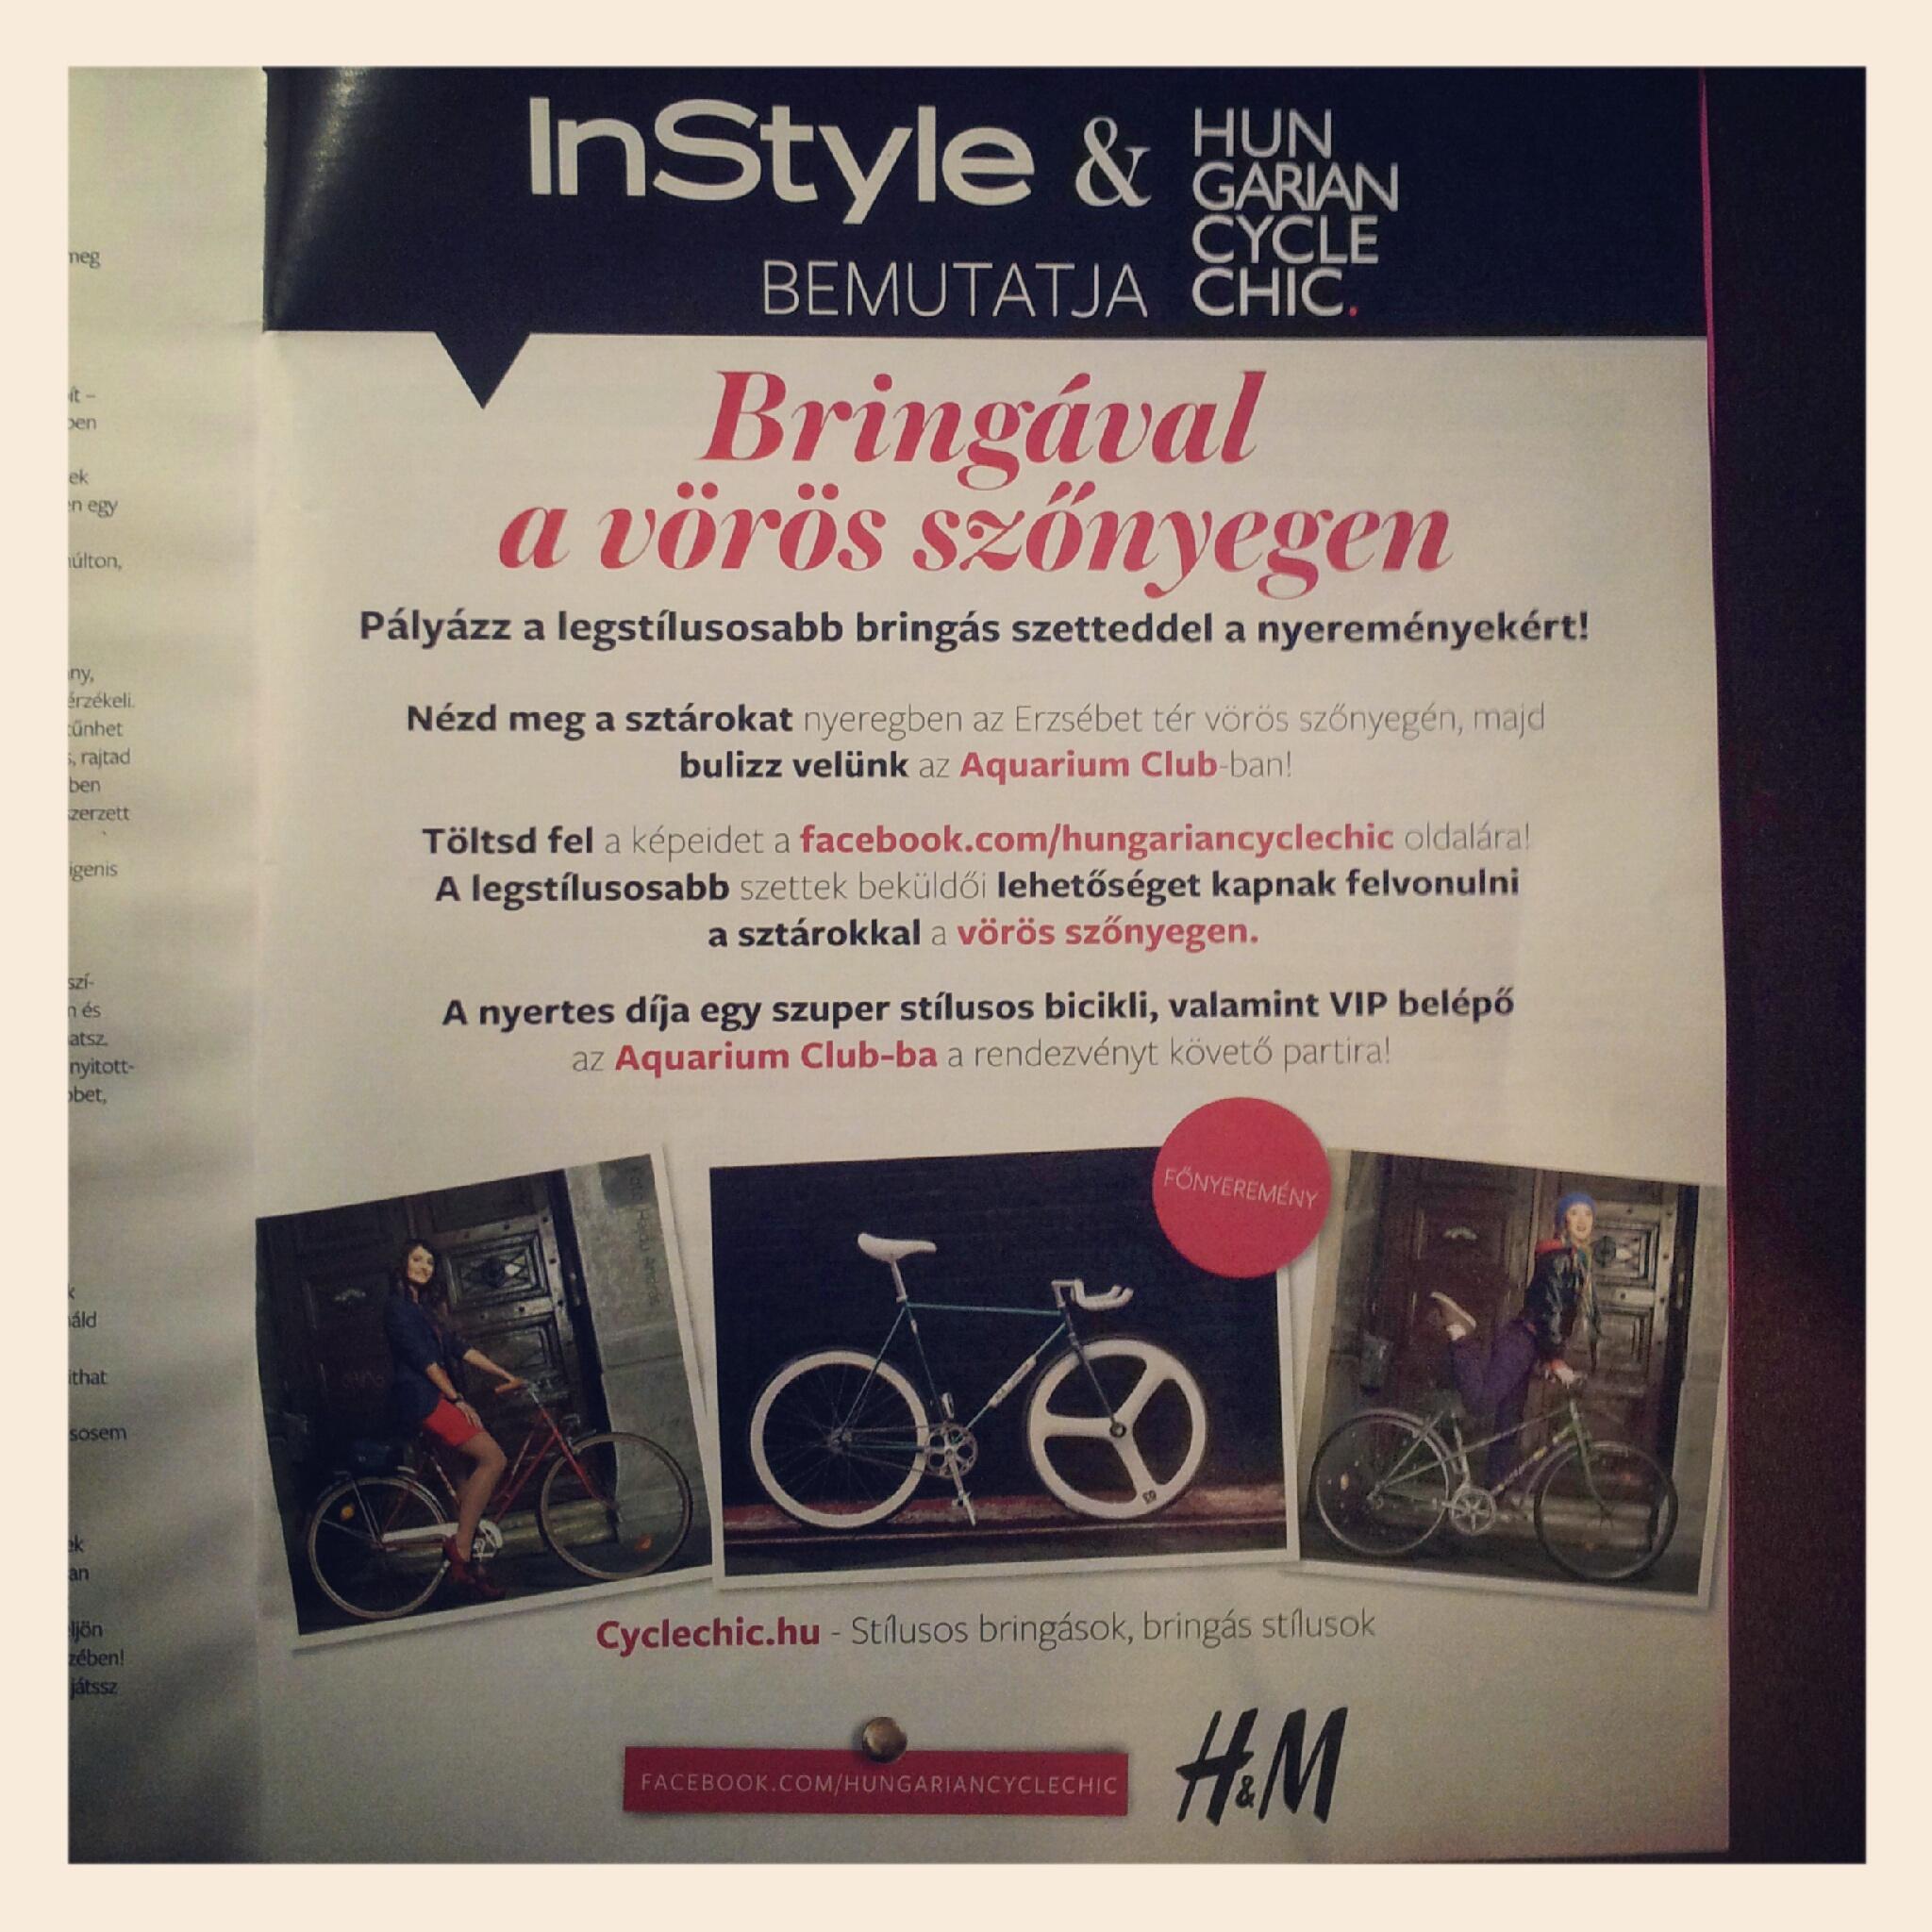 Az InStyle és a Cyclechic.hu bemutatja: Bringával a vörös szőnyegen!